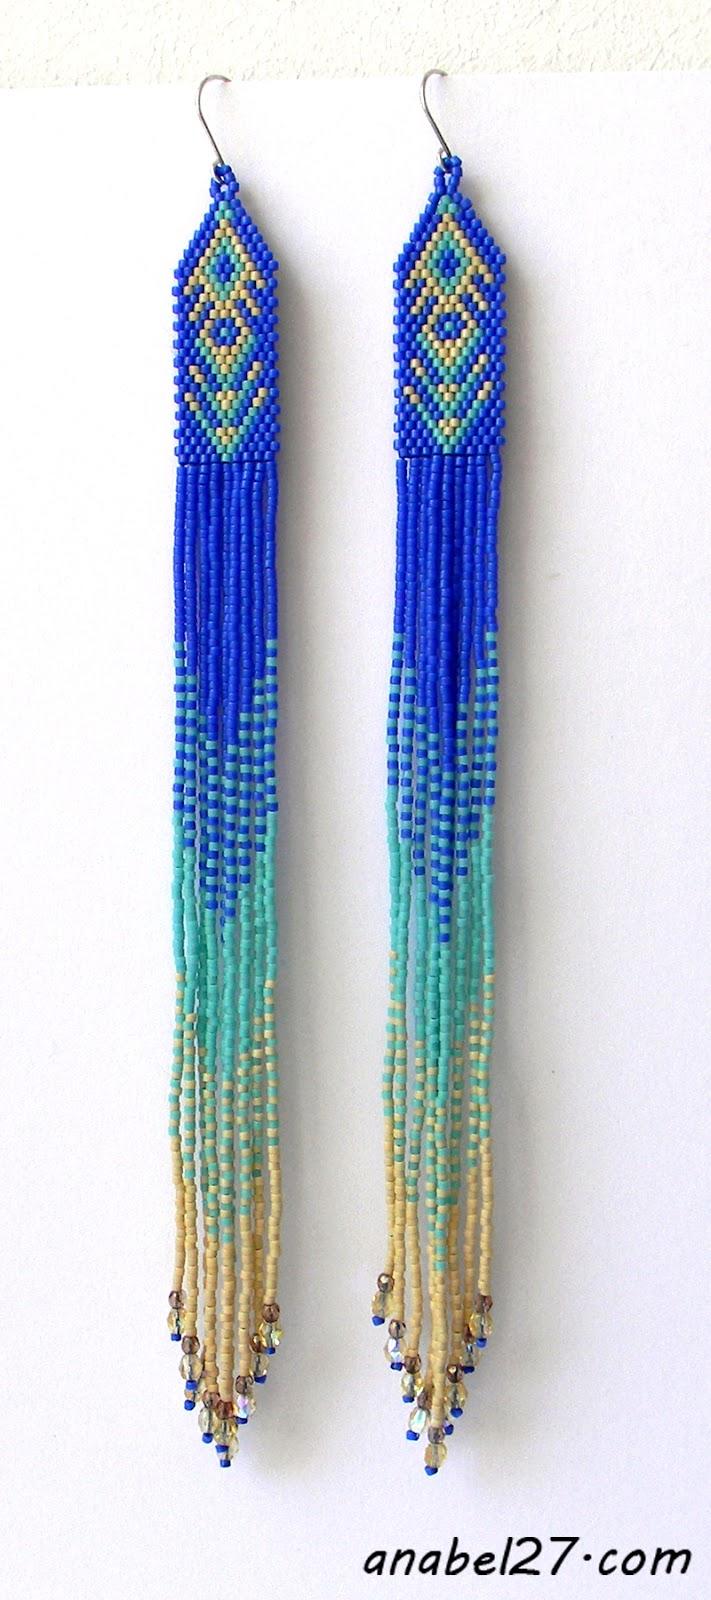 купить очень длинные серьги легкие не тяжелые нетяжелые сережки из бисера